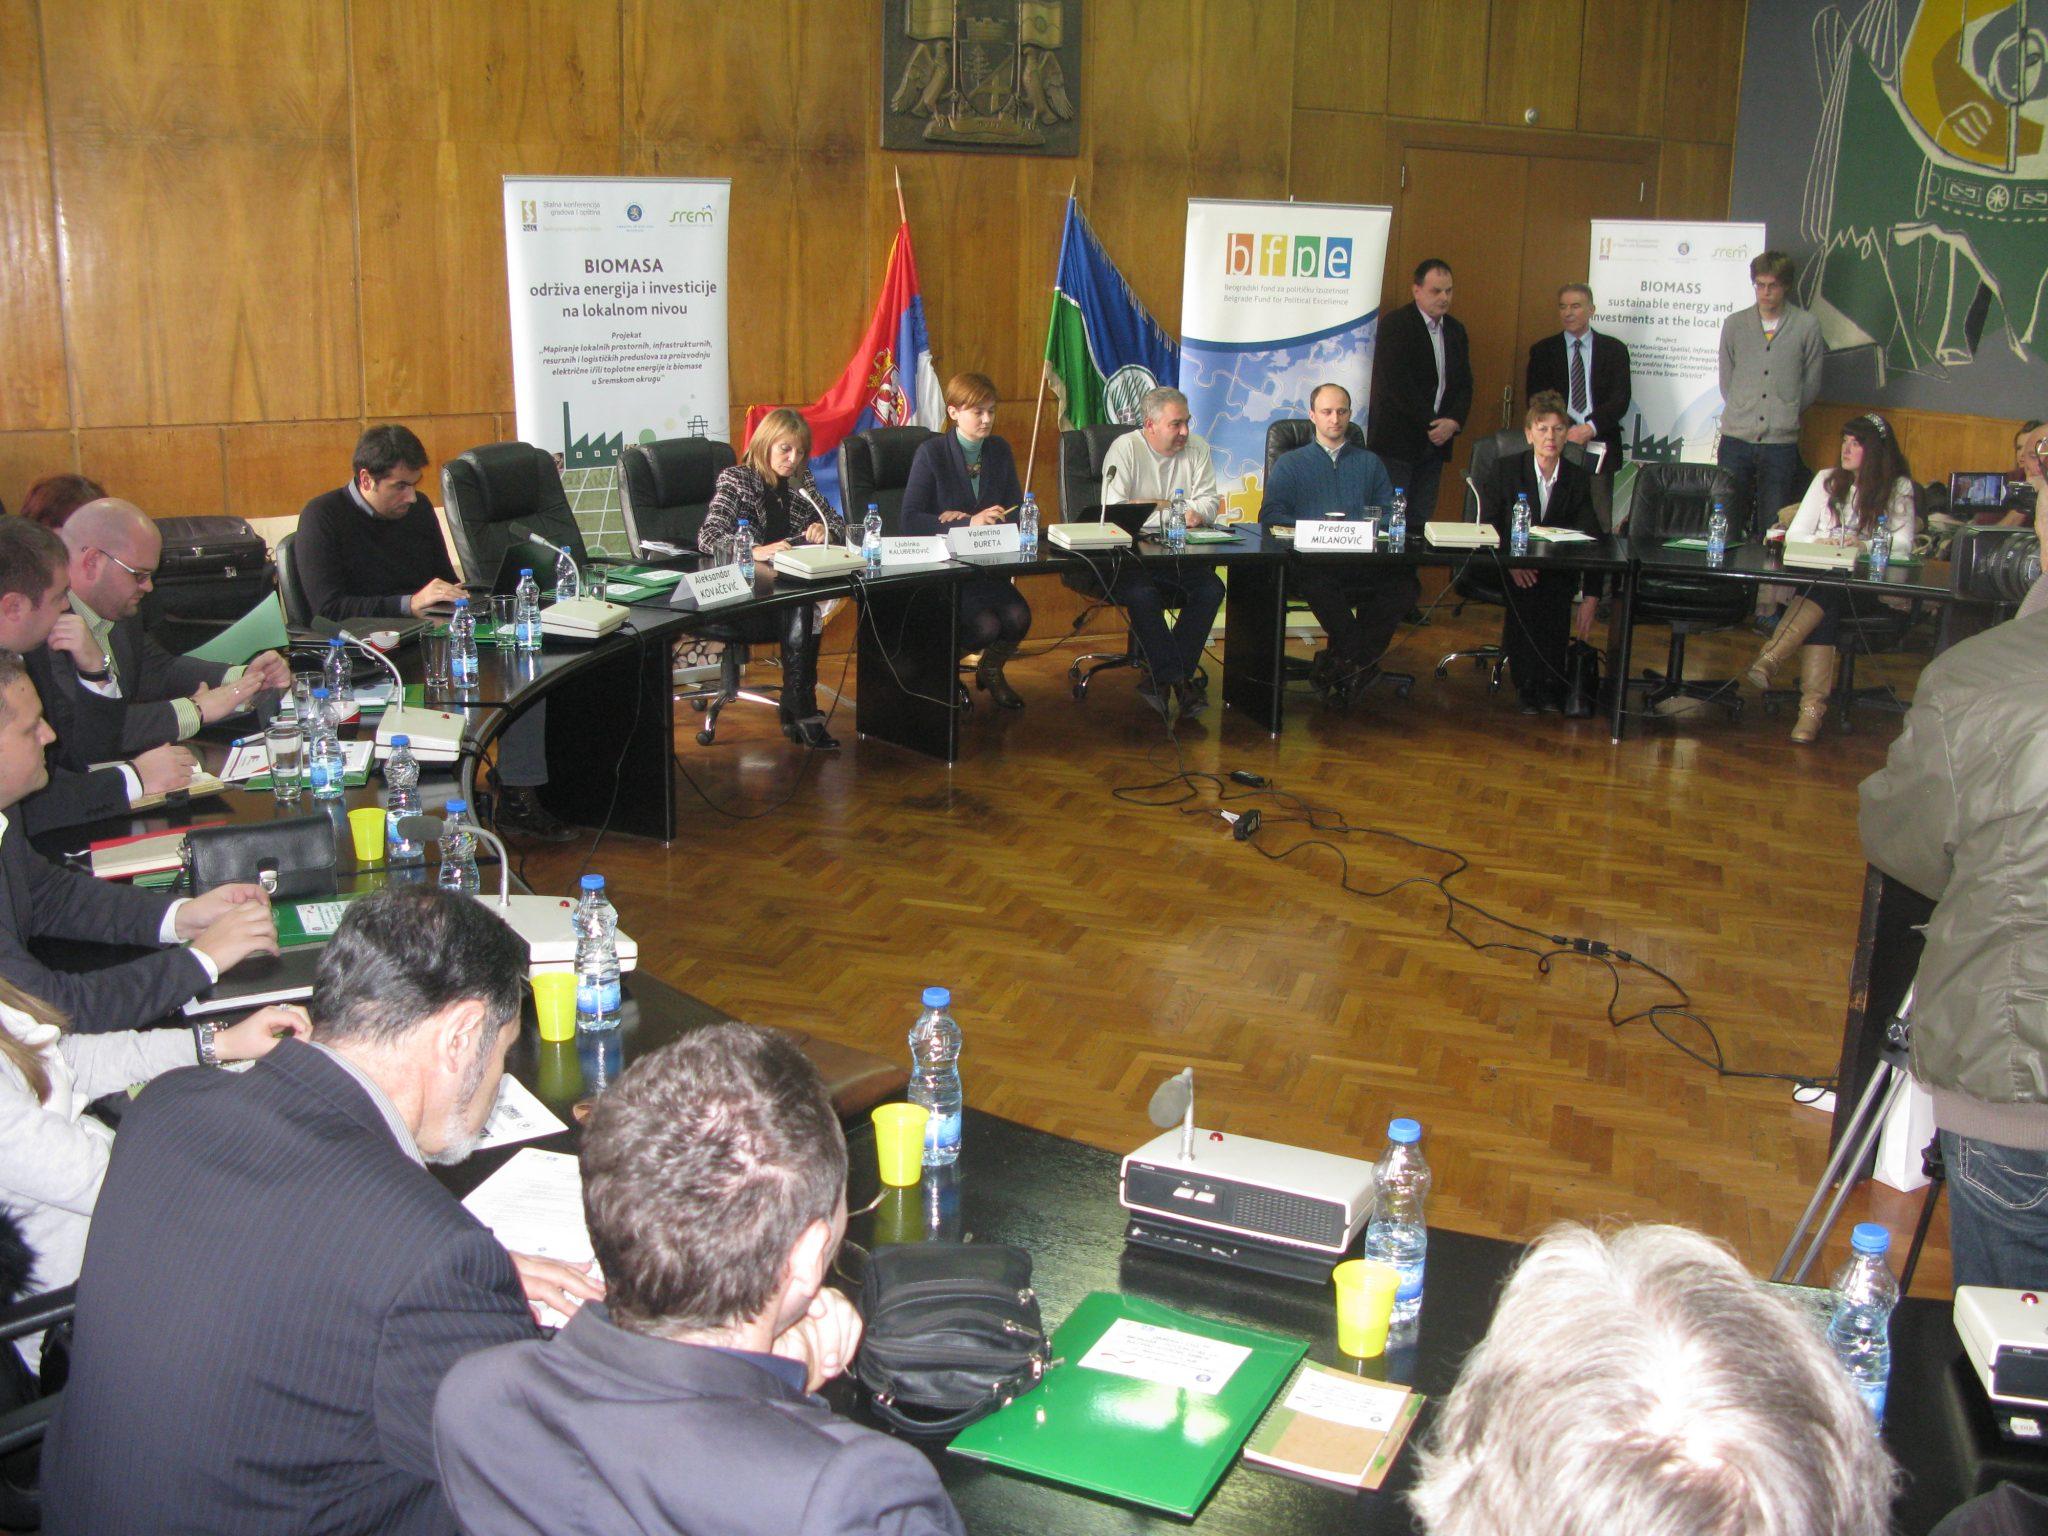 Srbija je najveći proizvođač biomase, a energetski siromašna